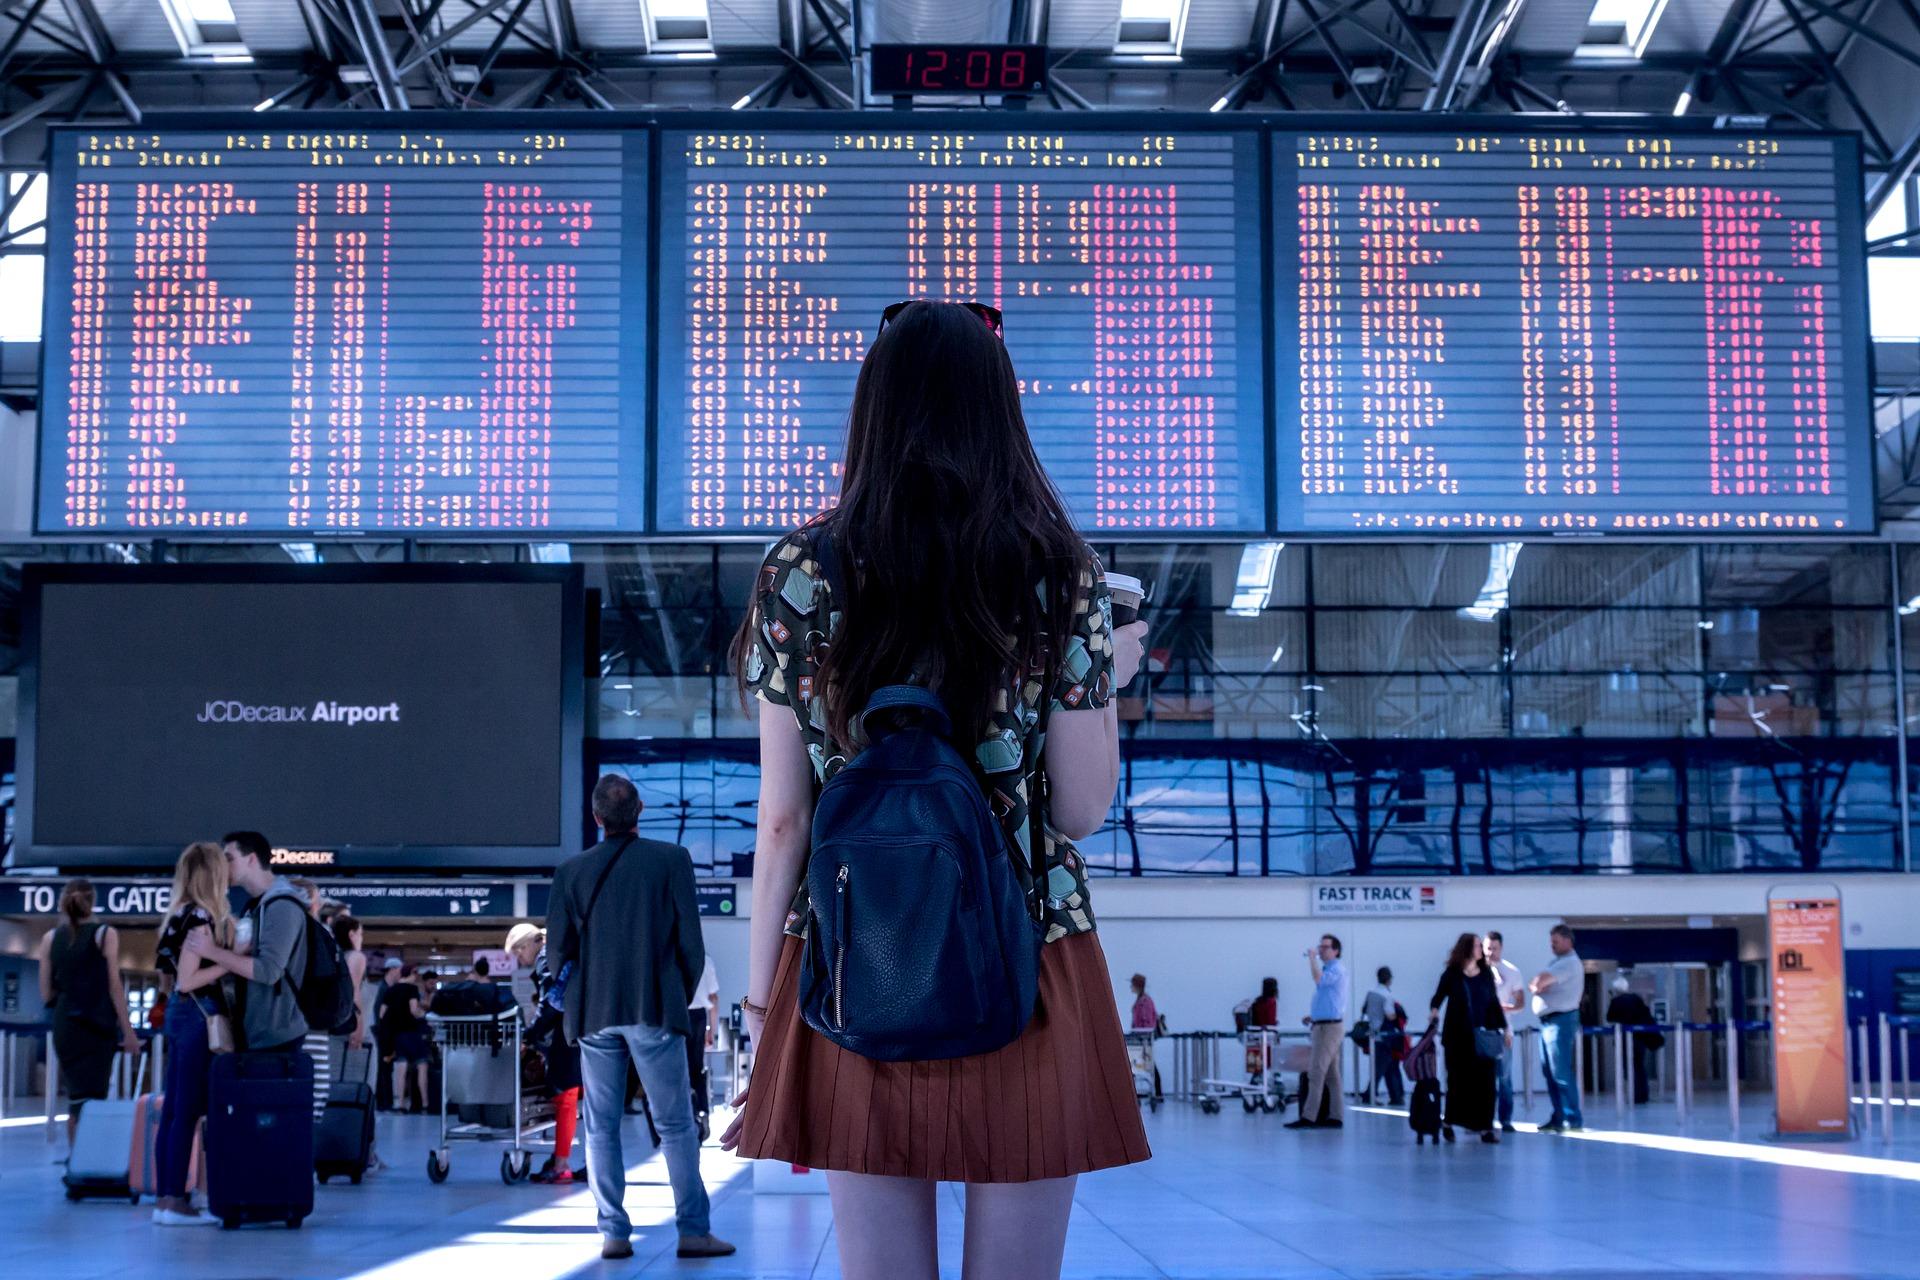 peggiori aeroporti d'Europa